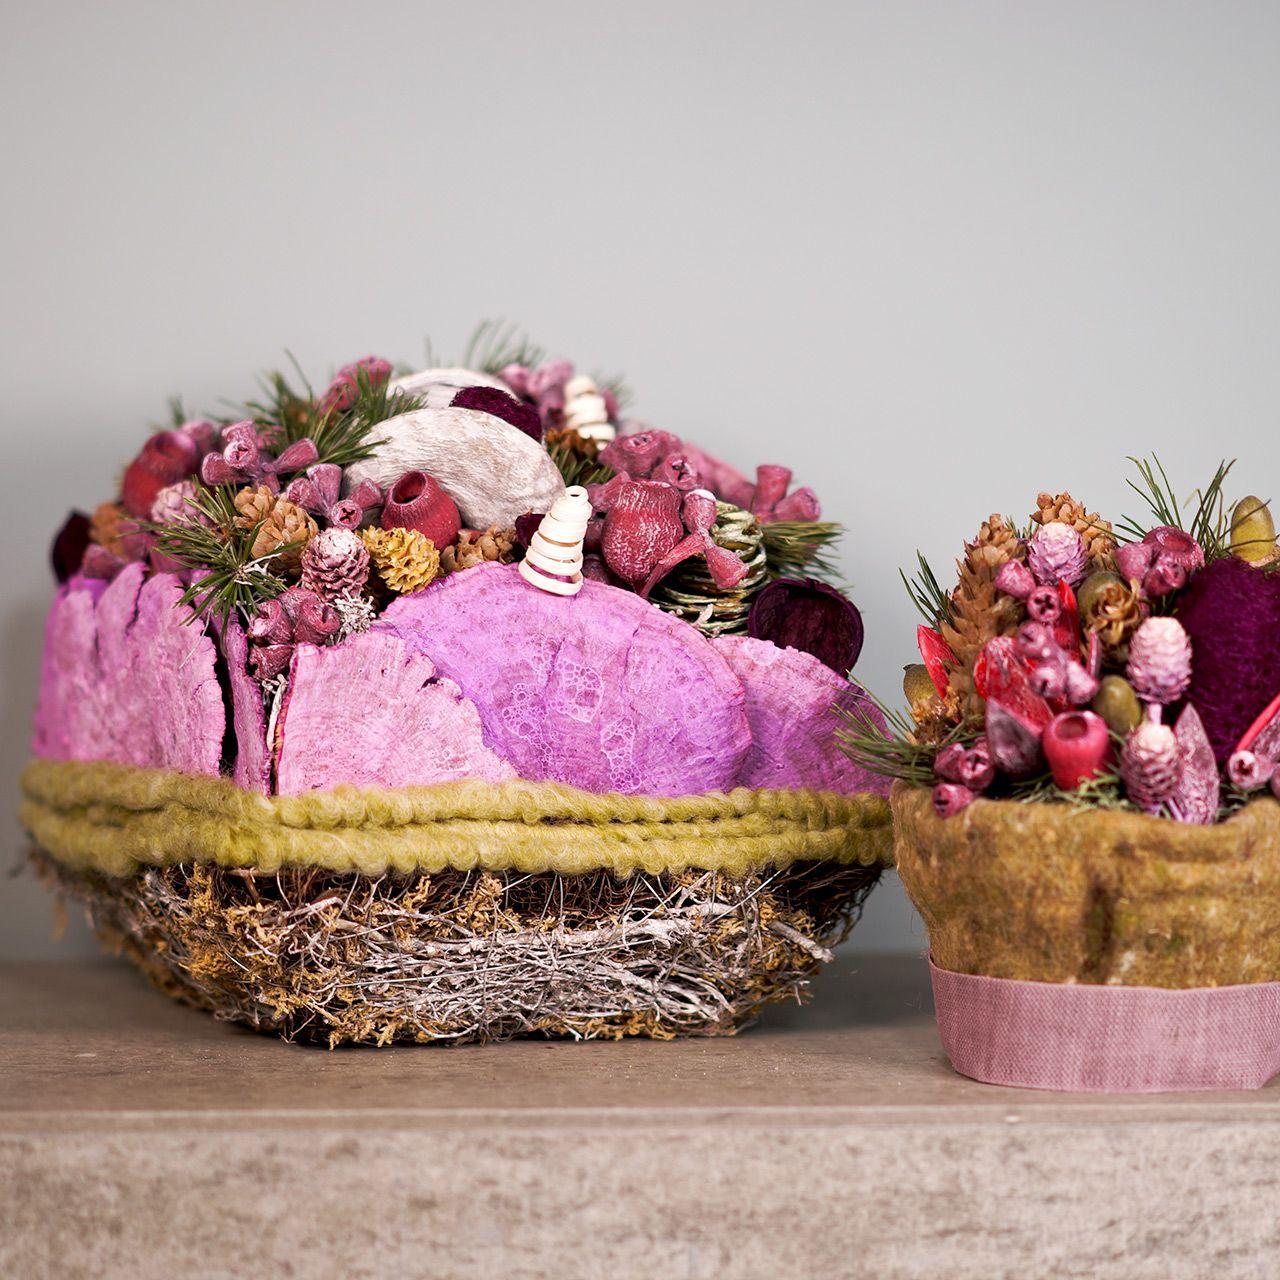 Plantepude lavet af vinstokke og mos 20 cm x 20 cm